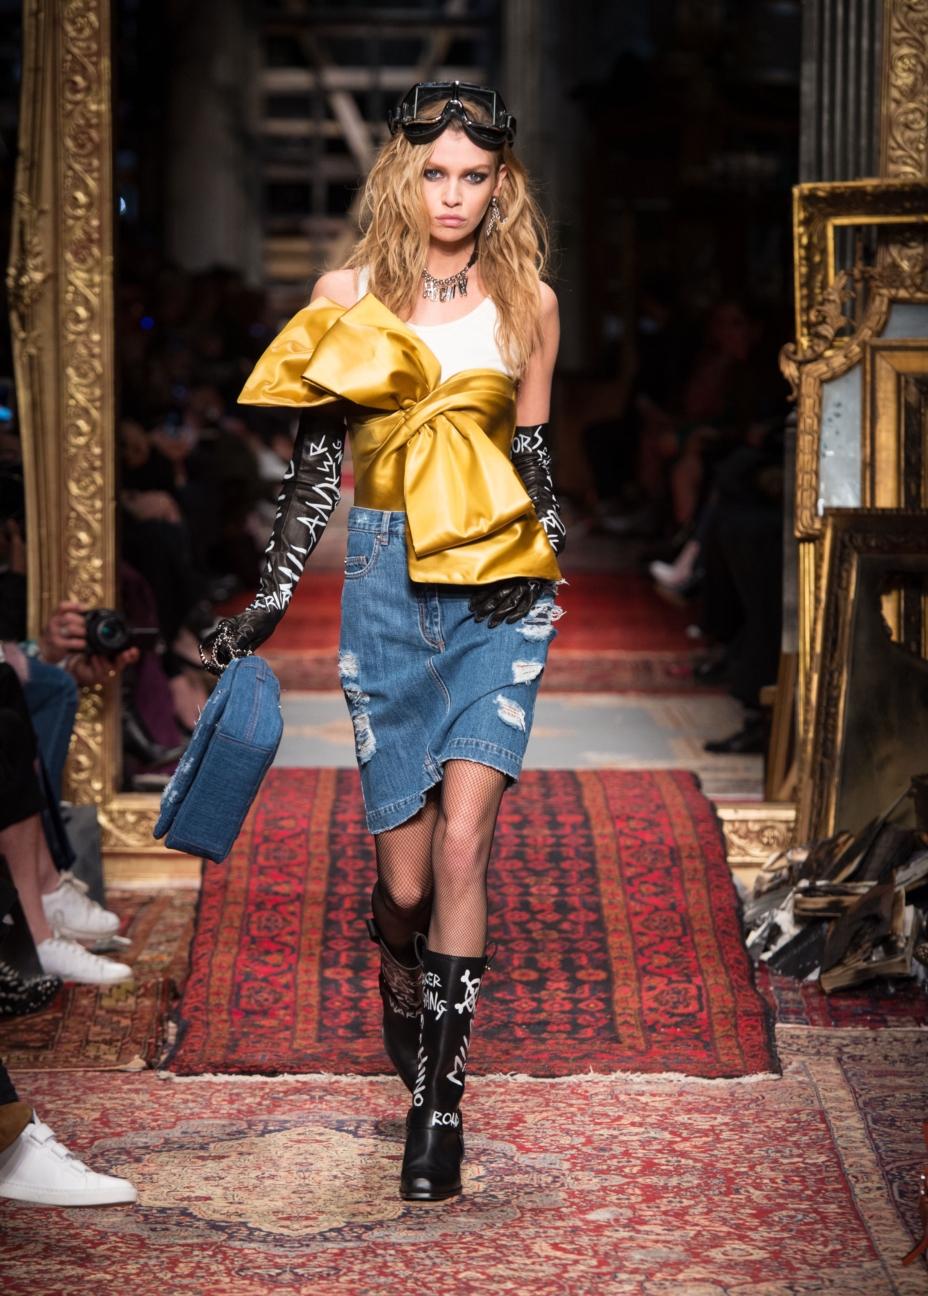 moschino-milan-fashion-week-aw-16-18